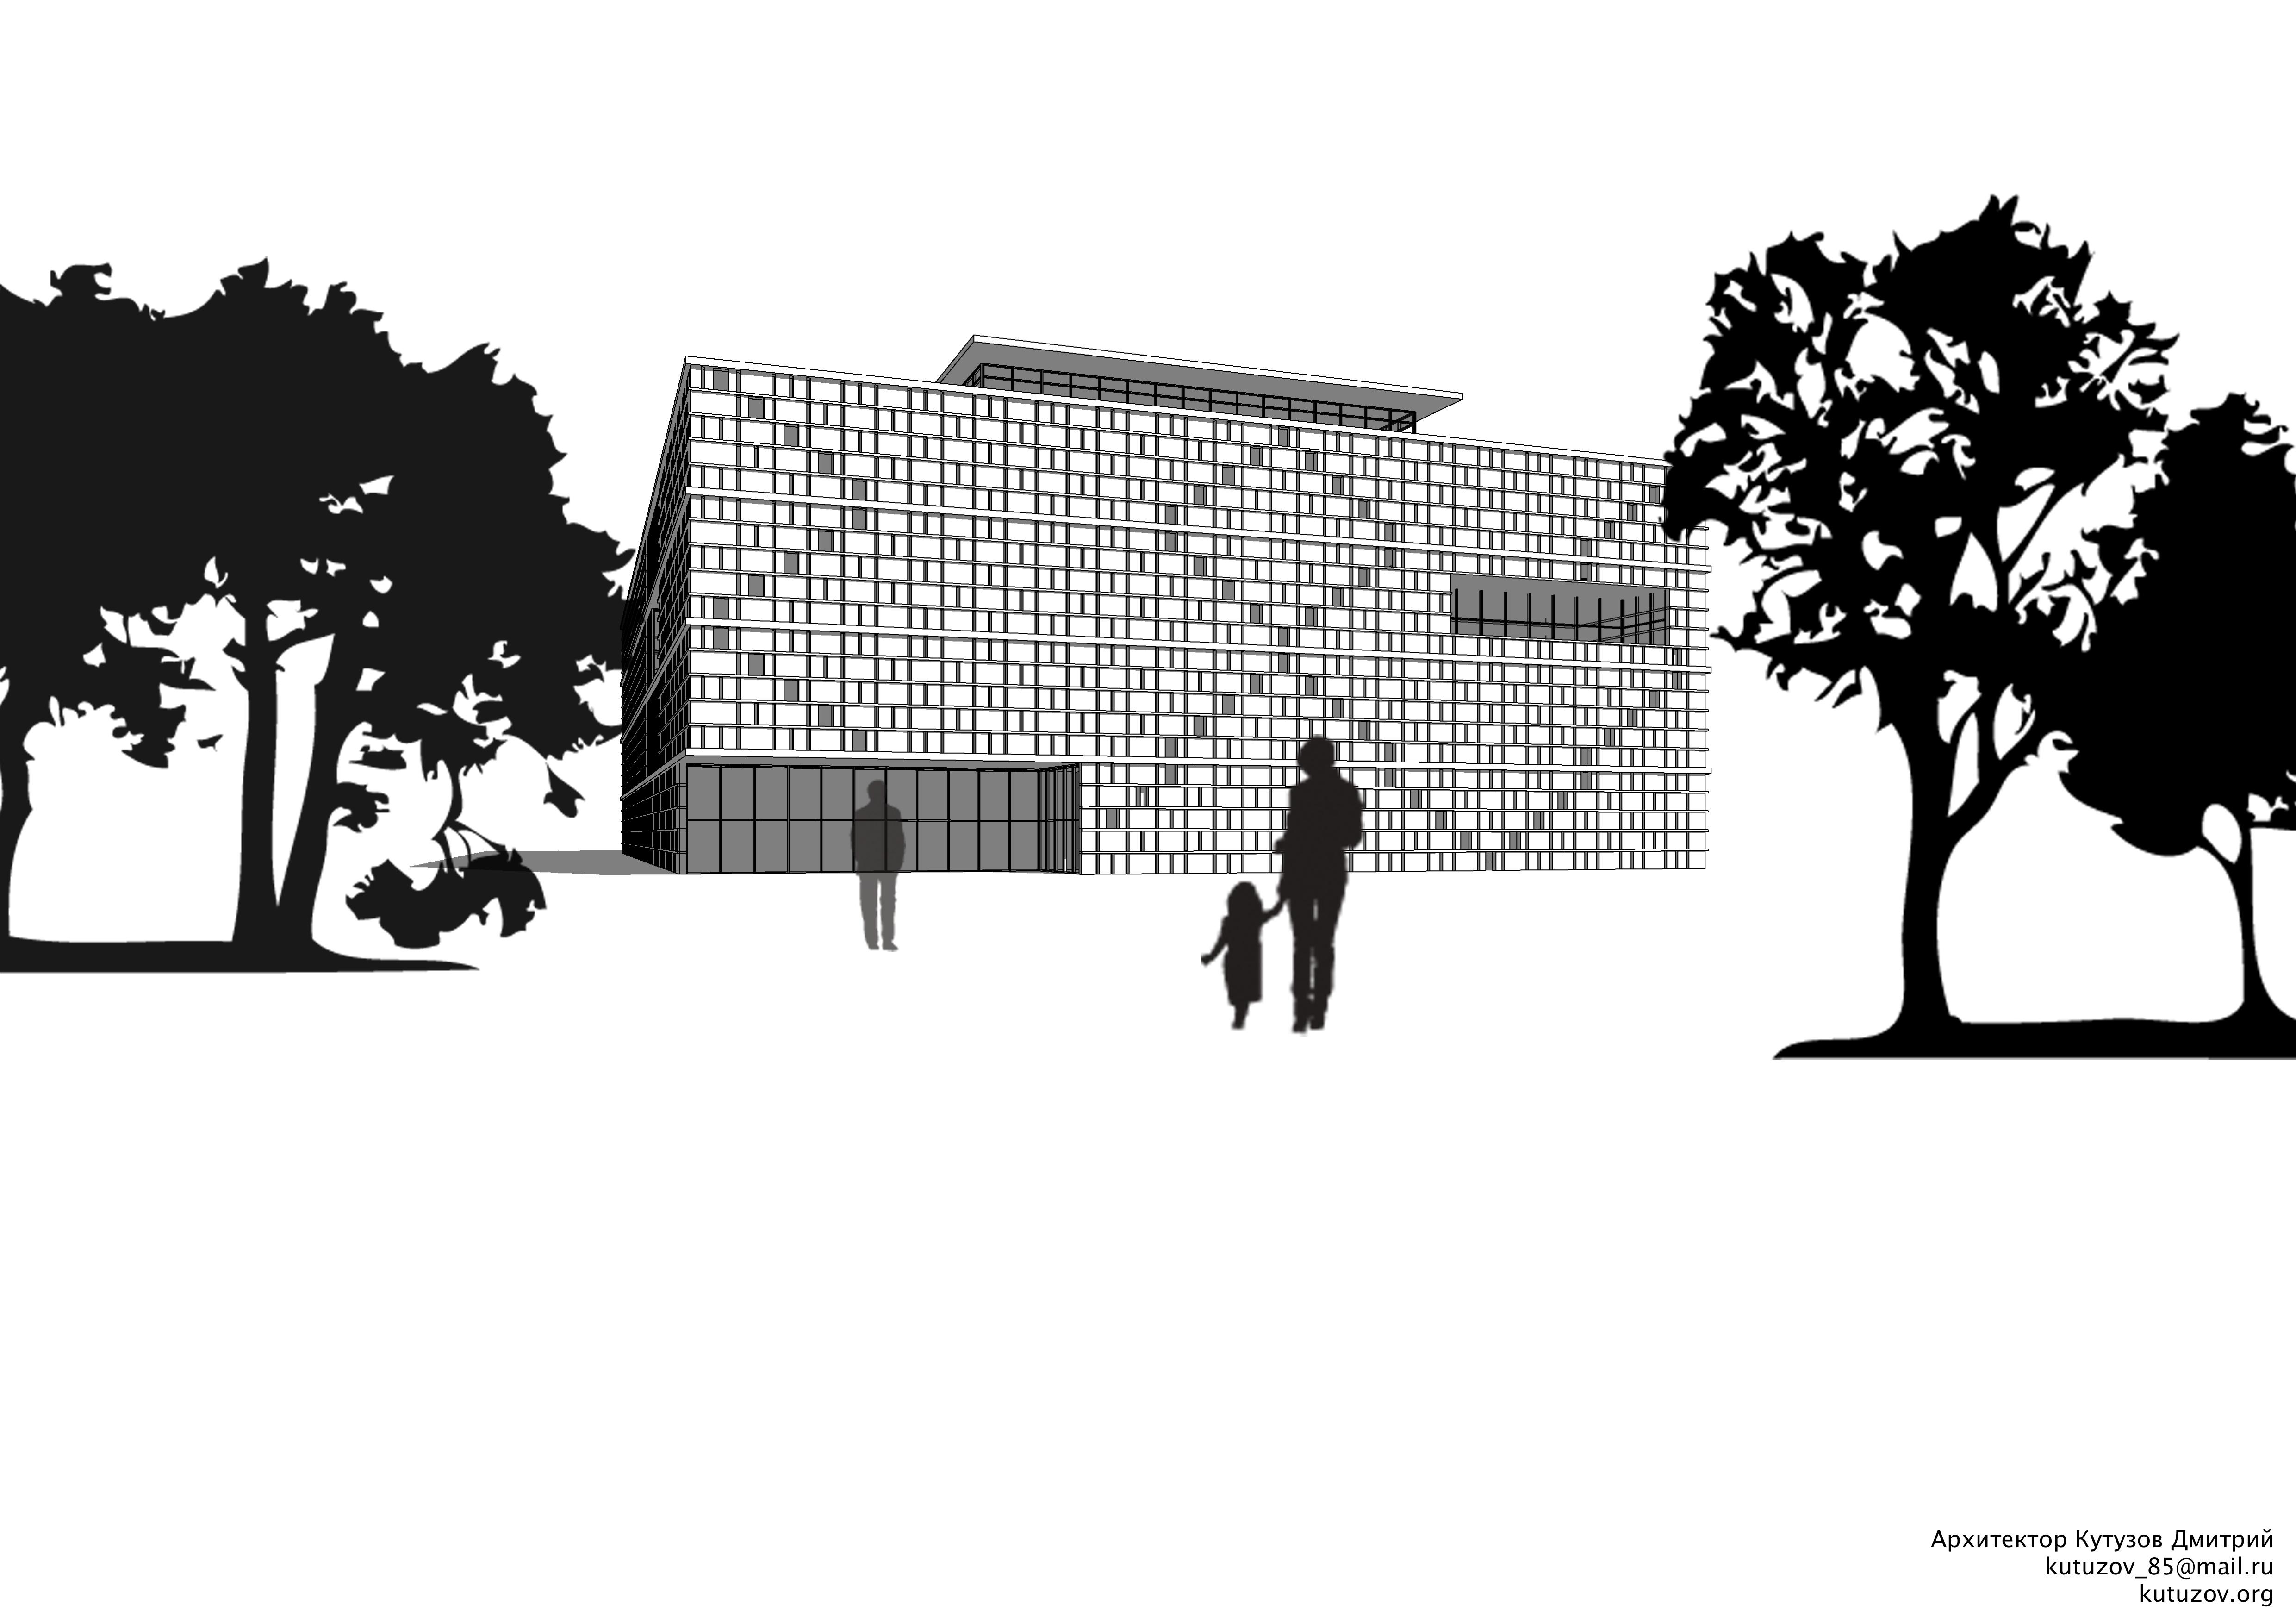 Разработка архитектурной концепции театра оперы и балета фото f_30652f4c921c1a97.jpg